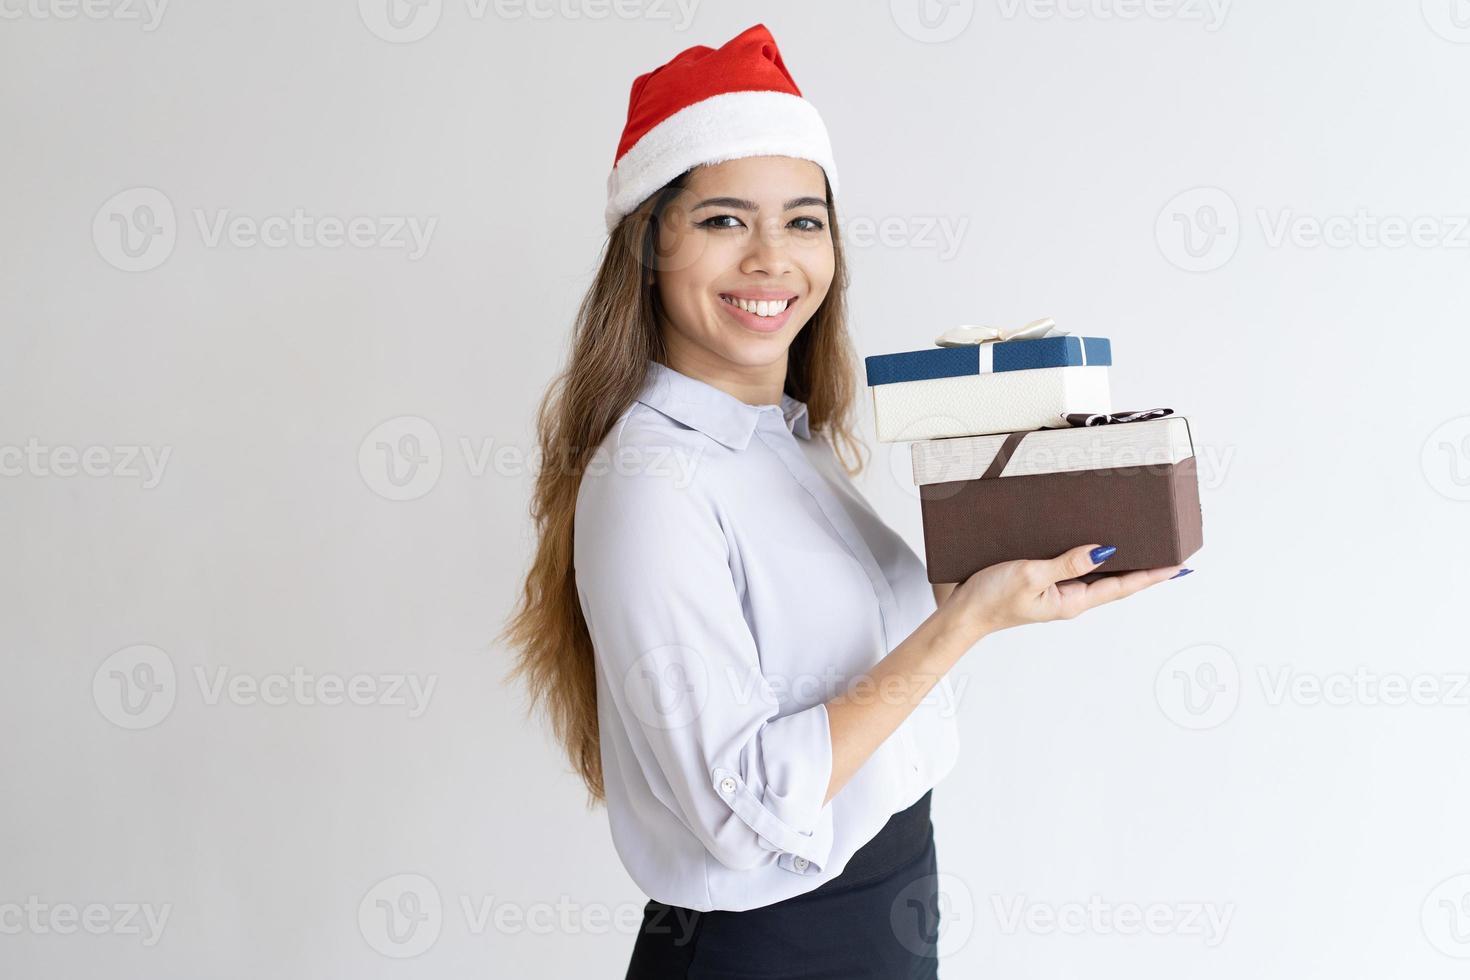 sonriente ayudante de oficina de navidad llevando regalos foto